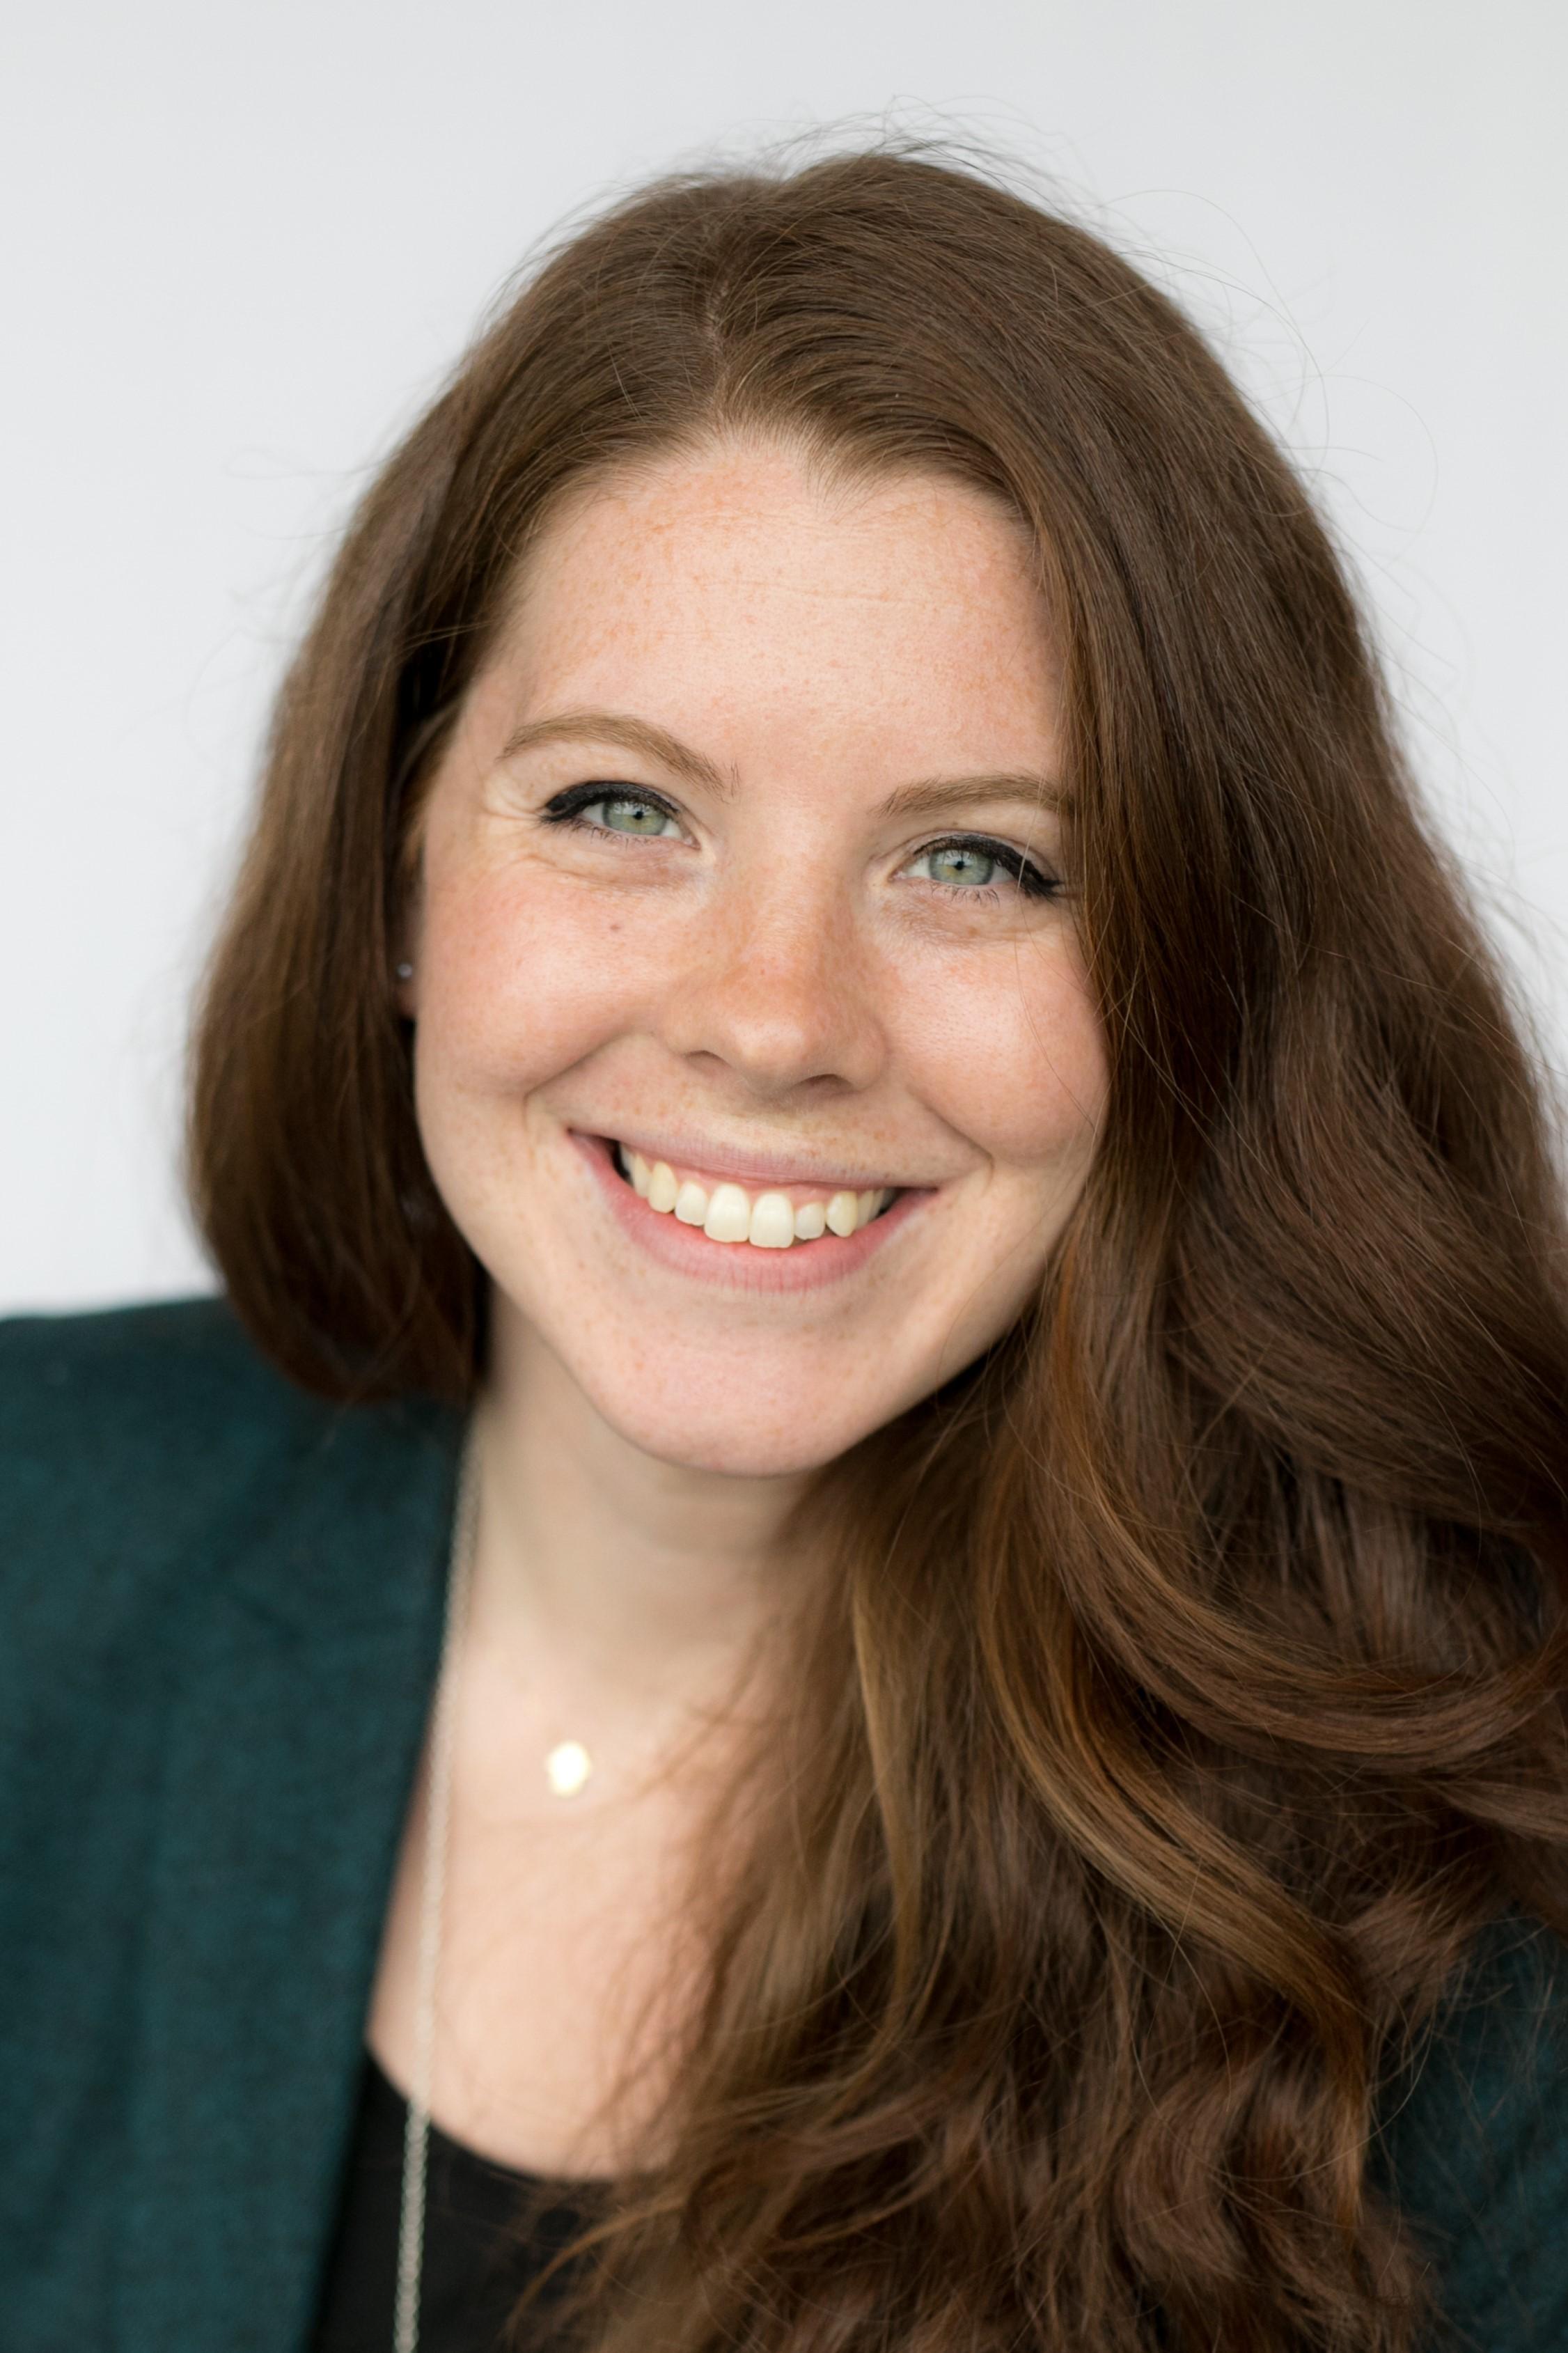 Sarah van Loon